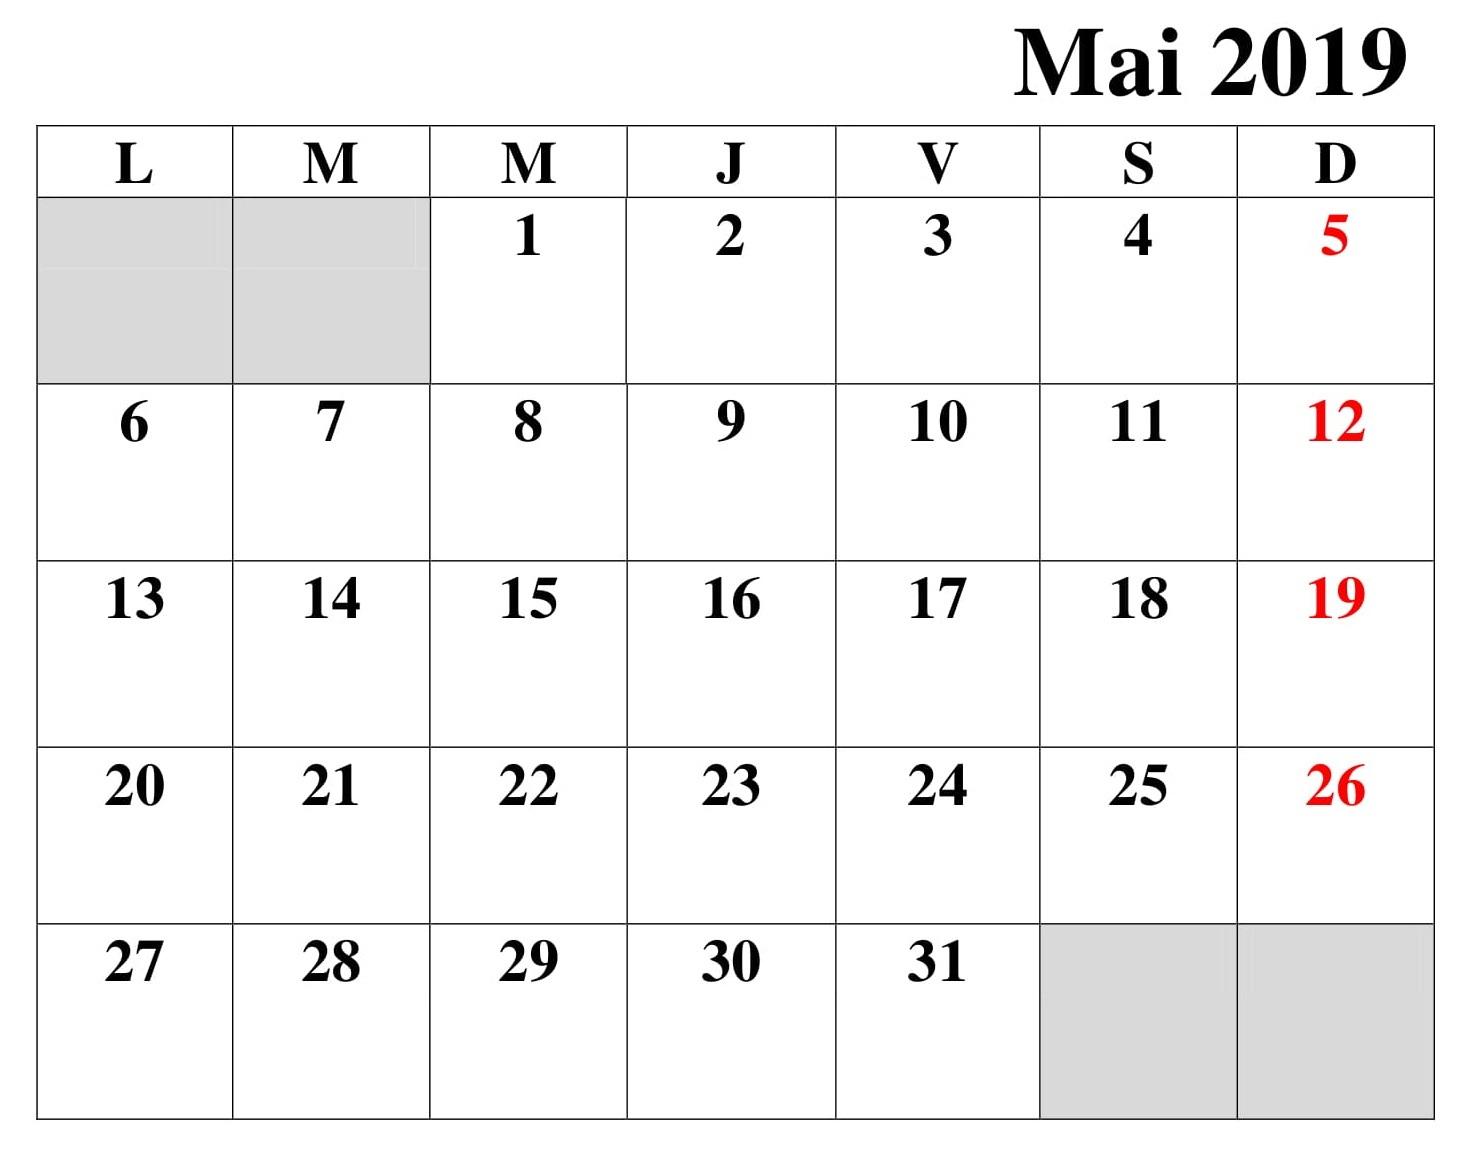 Calendrier Planificateur Mai 2019 PDF